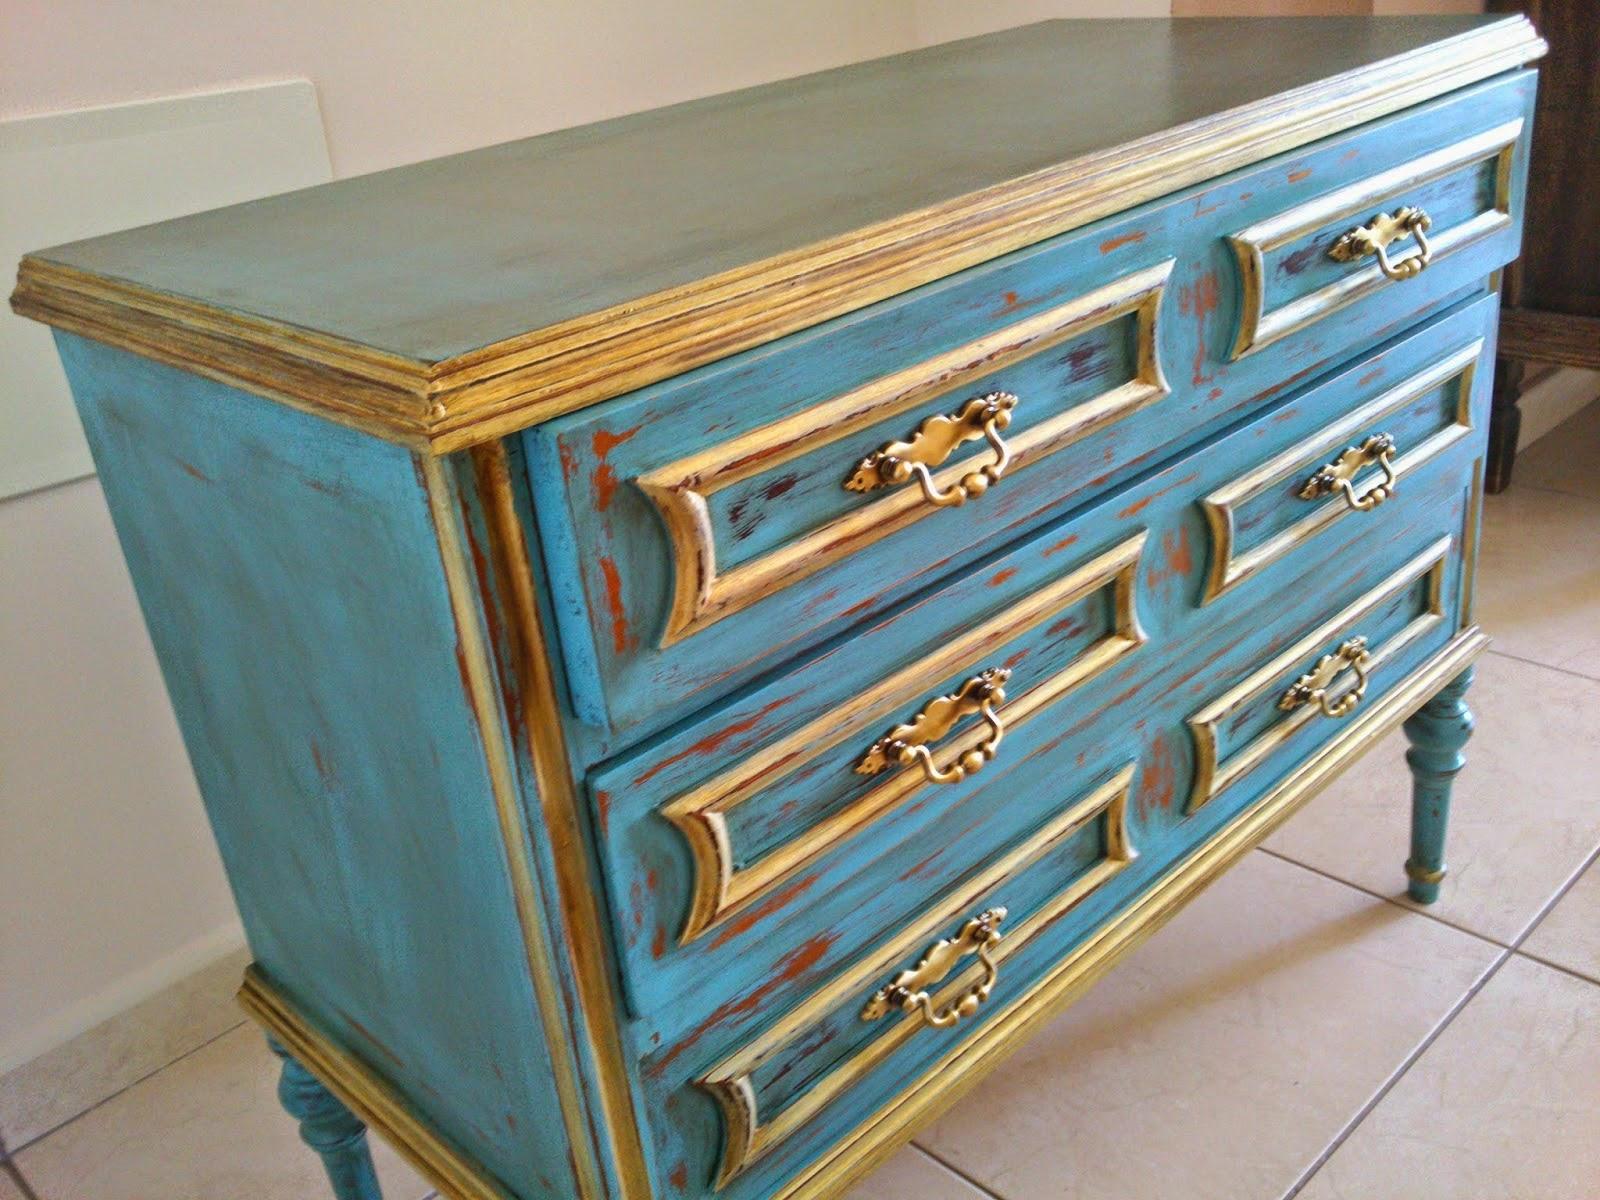 El desv n m gico de ana c moda turquesa restaurada estilo for Muebles el desvan